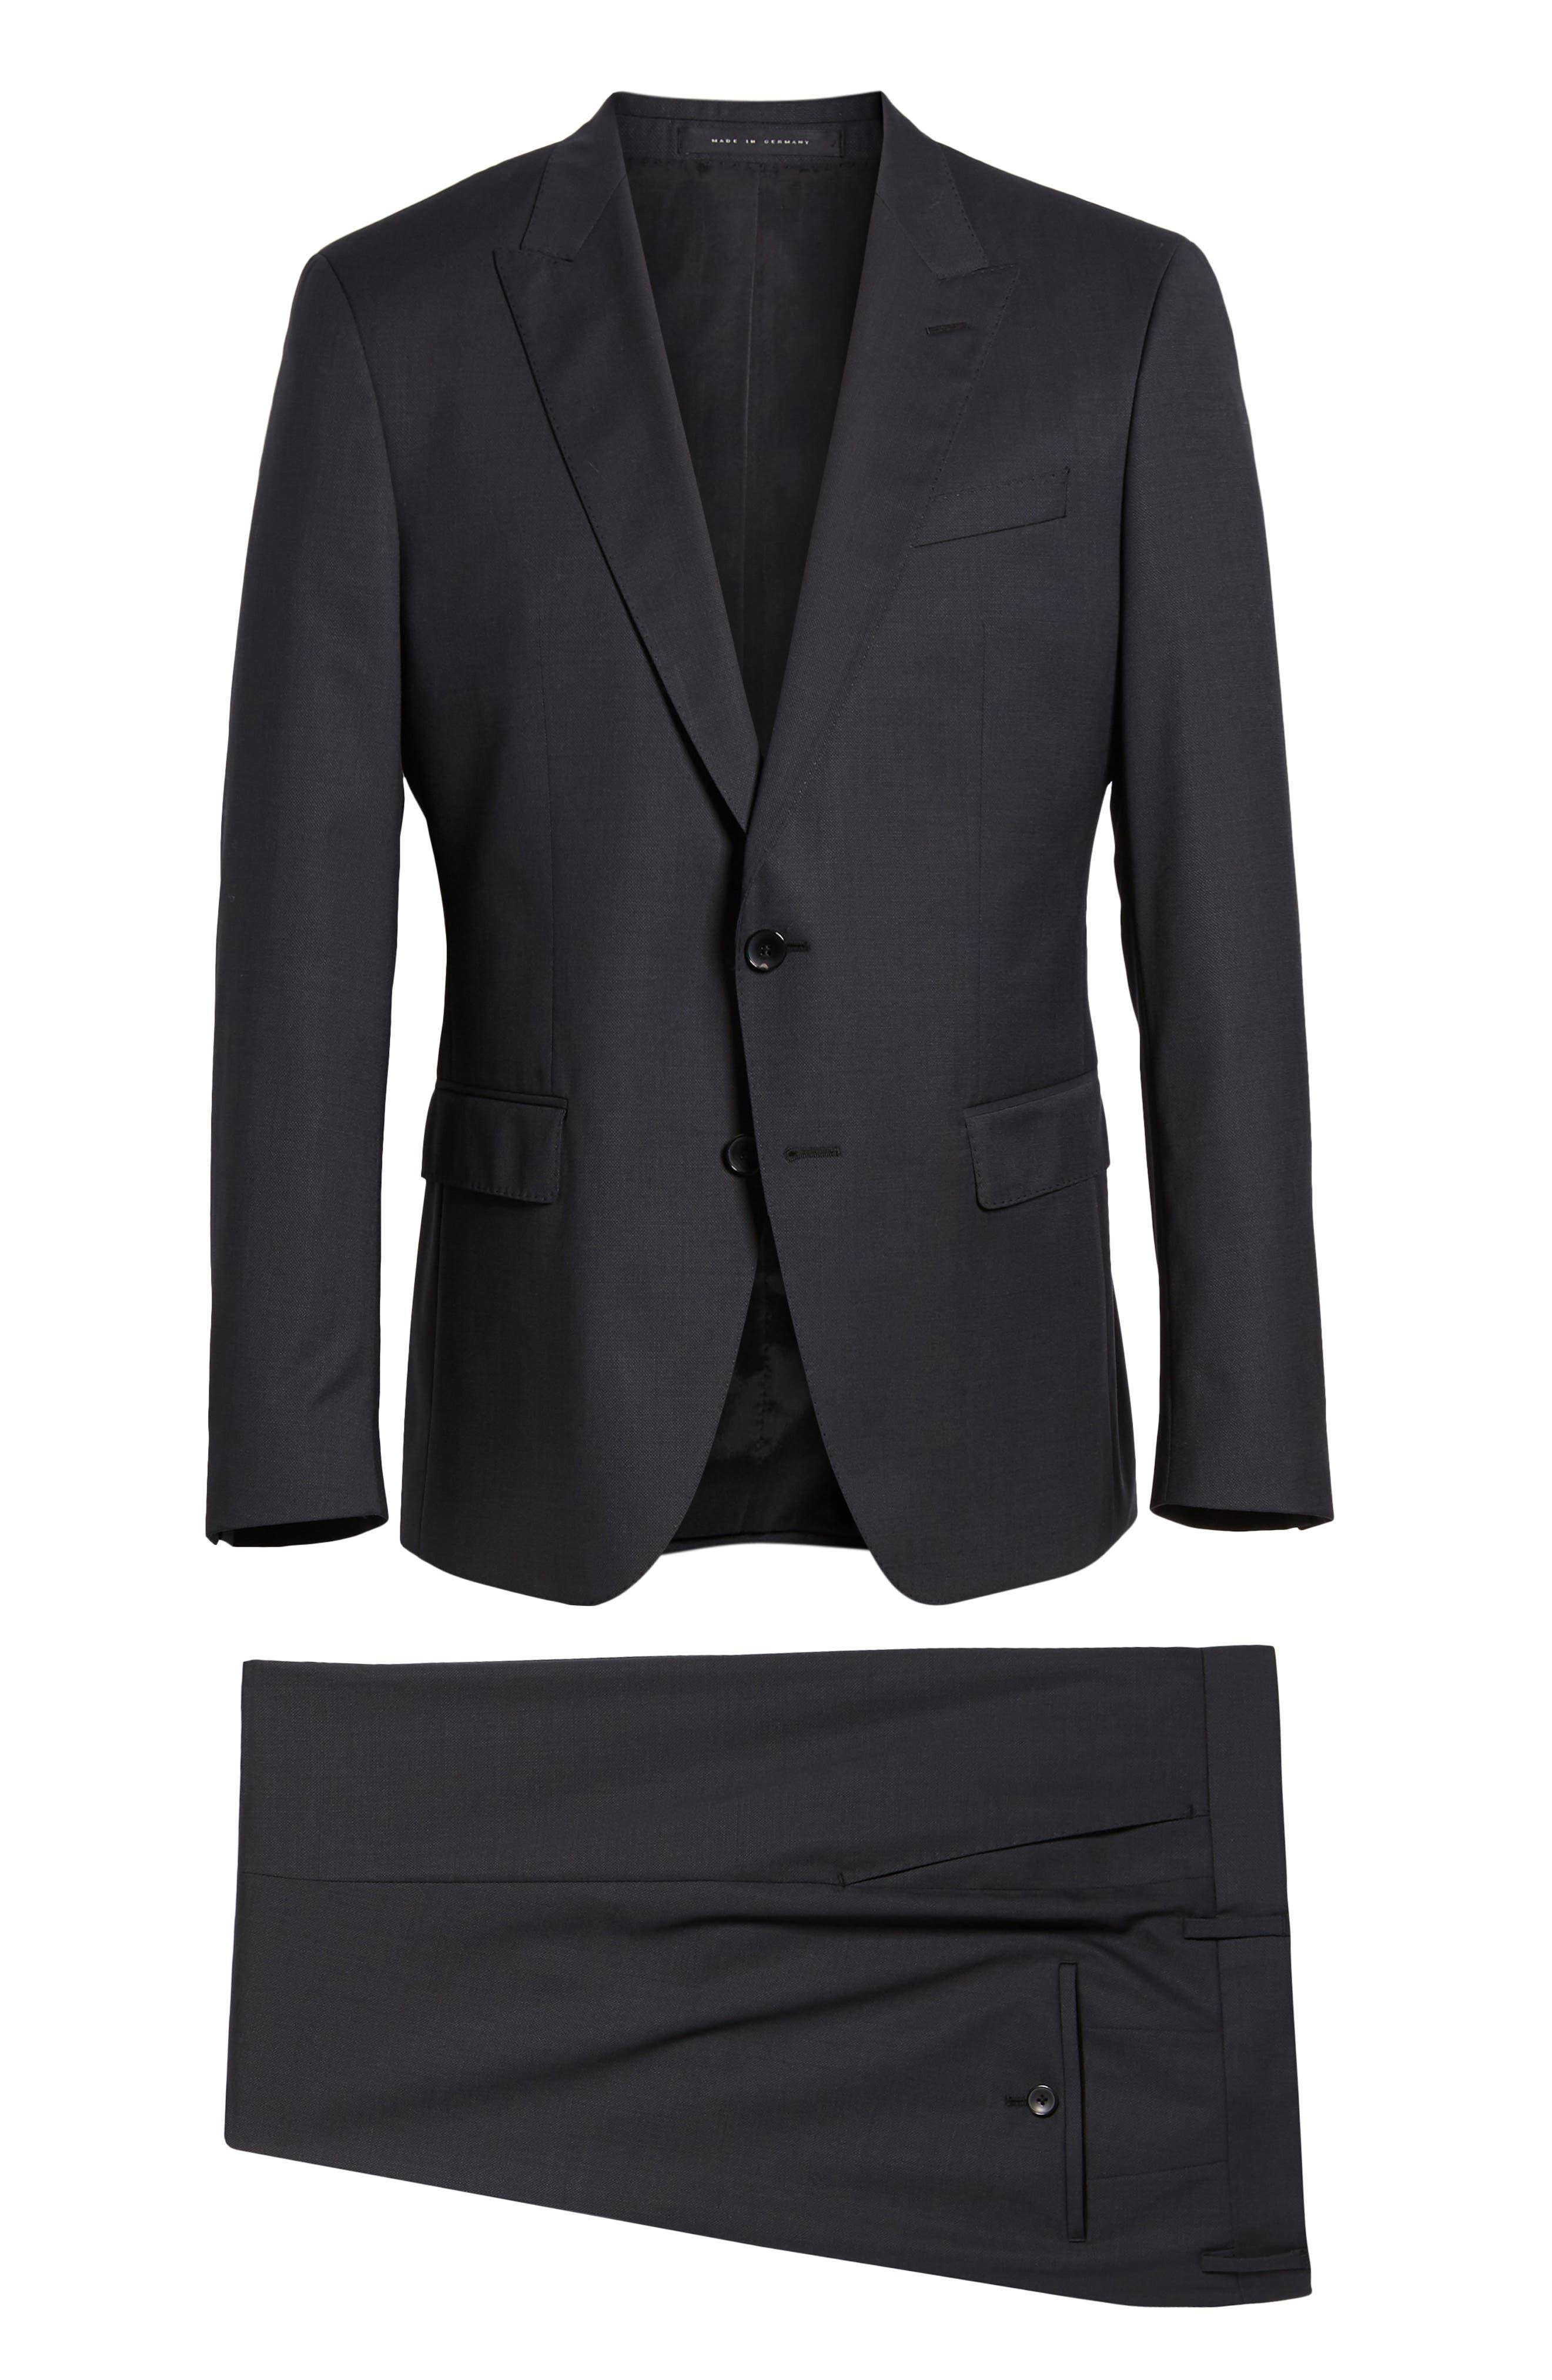 BOSS,                             Helward/Genius Trim Fit Solid Three Piece Wool Suit,                             Alternate thumbnail 9, color,                             DARK GREY